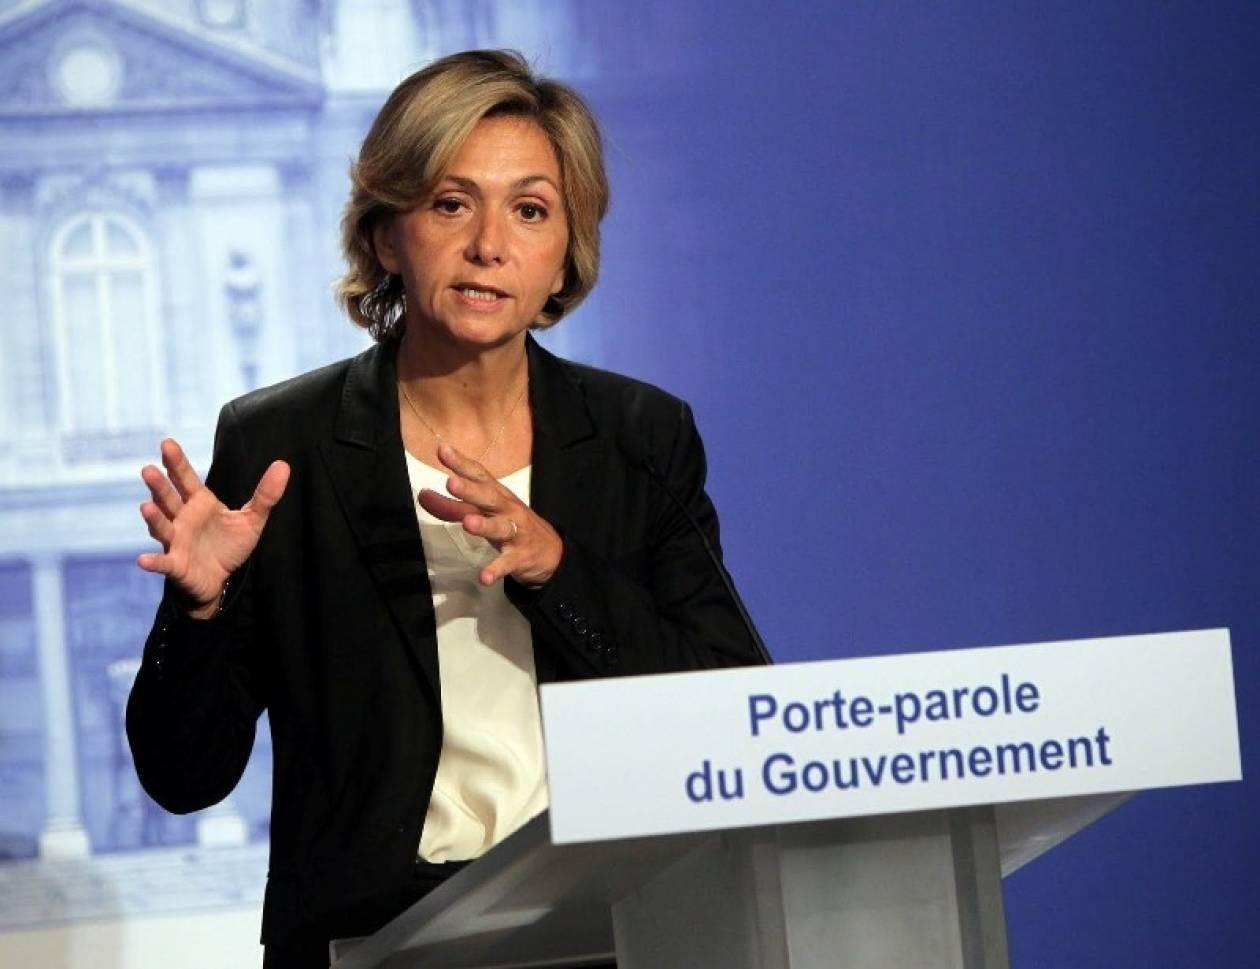 Γαλλία: Δεν δικαιολογείται το ύψος του γαλλογερμανικού spread